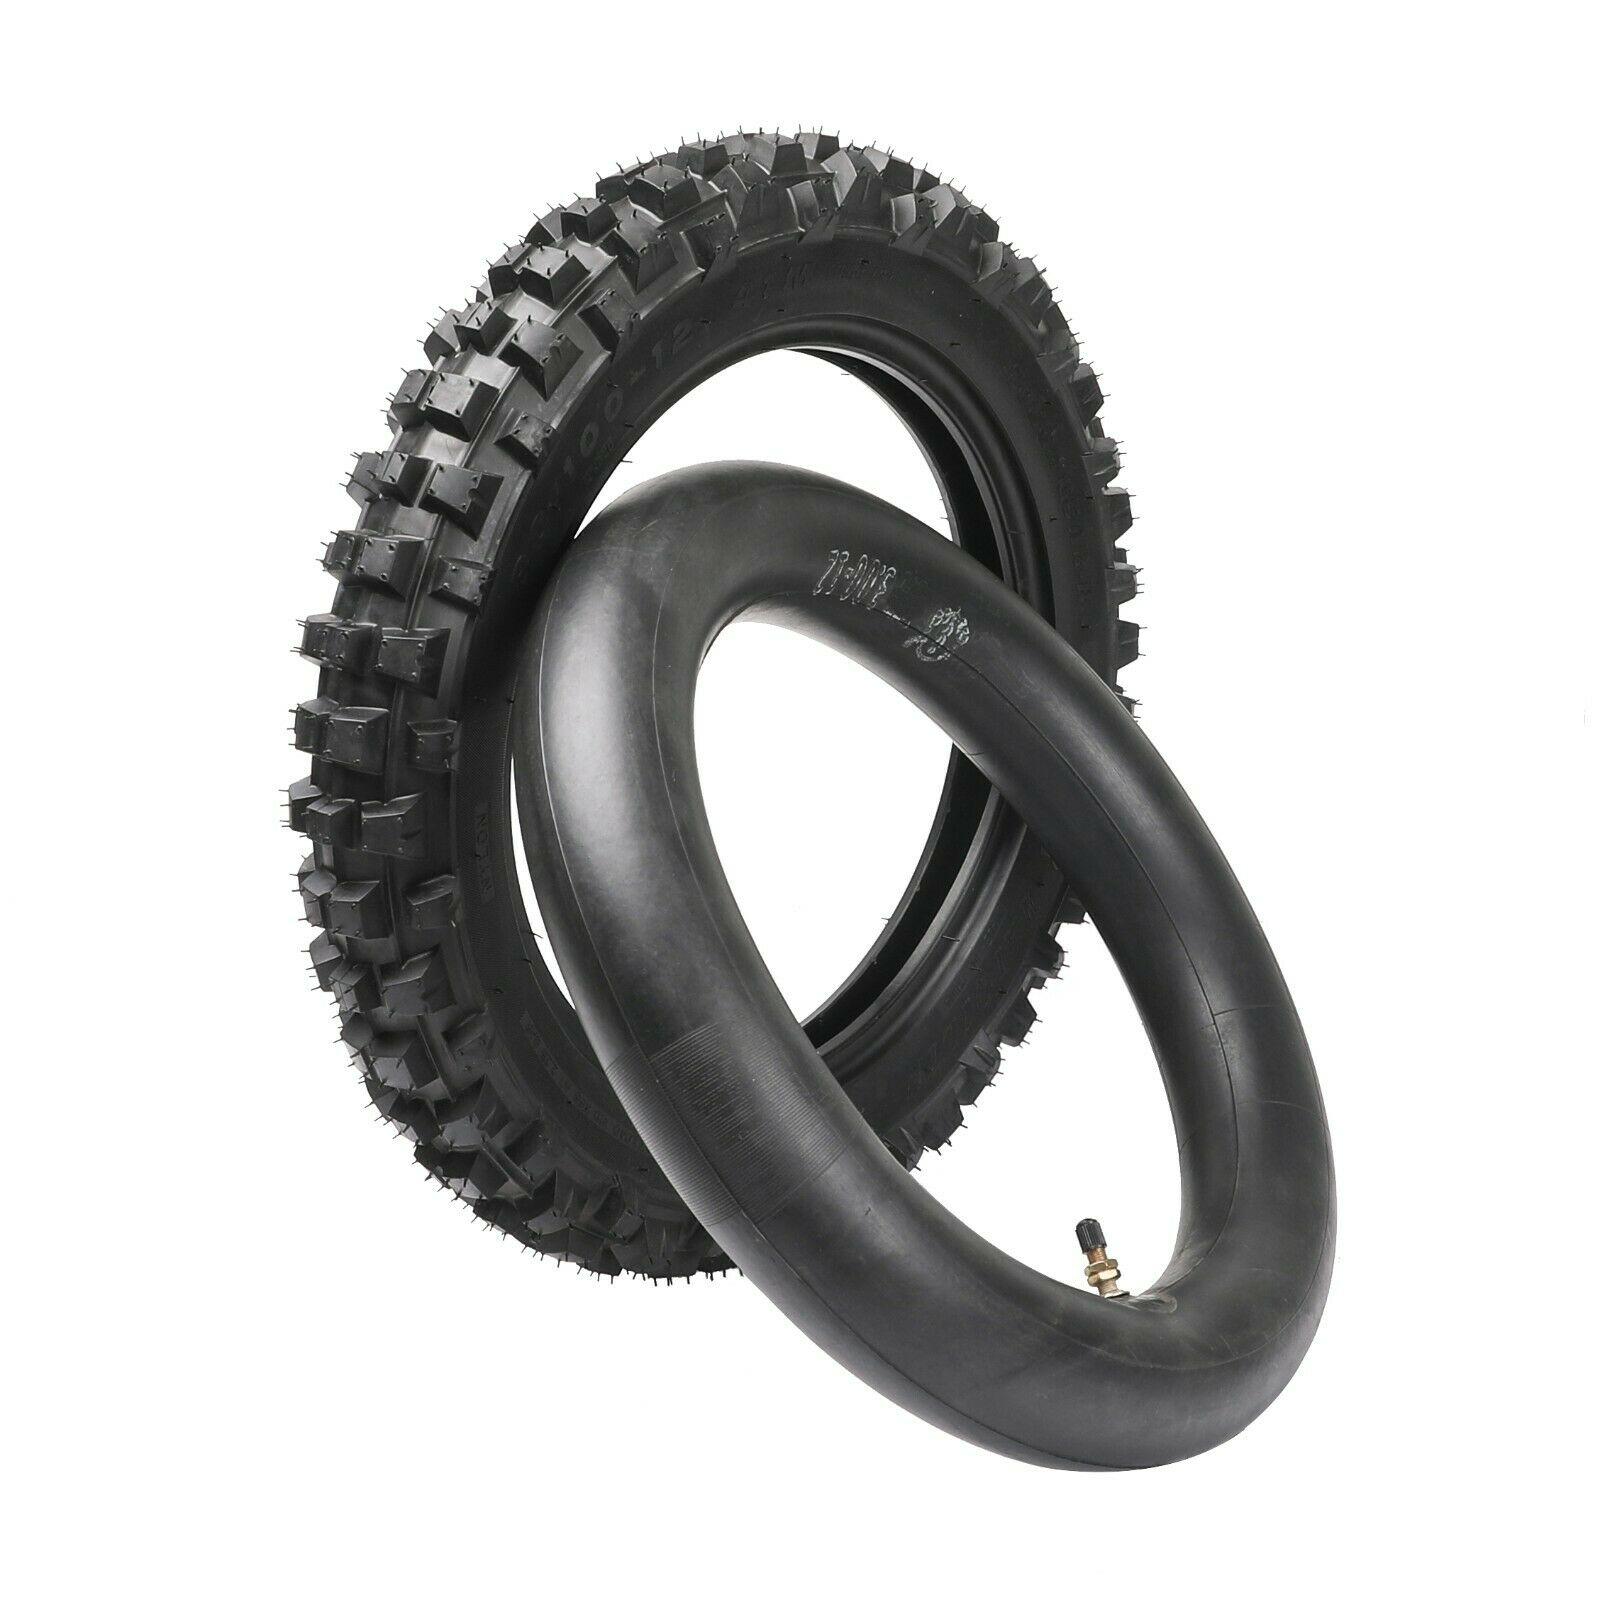 """12 """"neumático trasero 3,00-12-12 neumático + Tubo de Pit Bike YZ50 YZ60 PW80 TTR90 TTR110 80/100-12-12"""